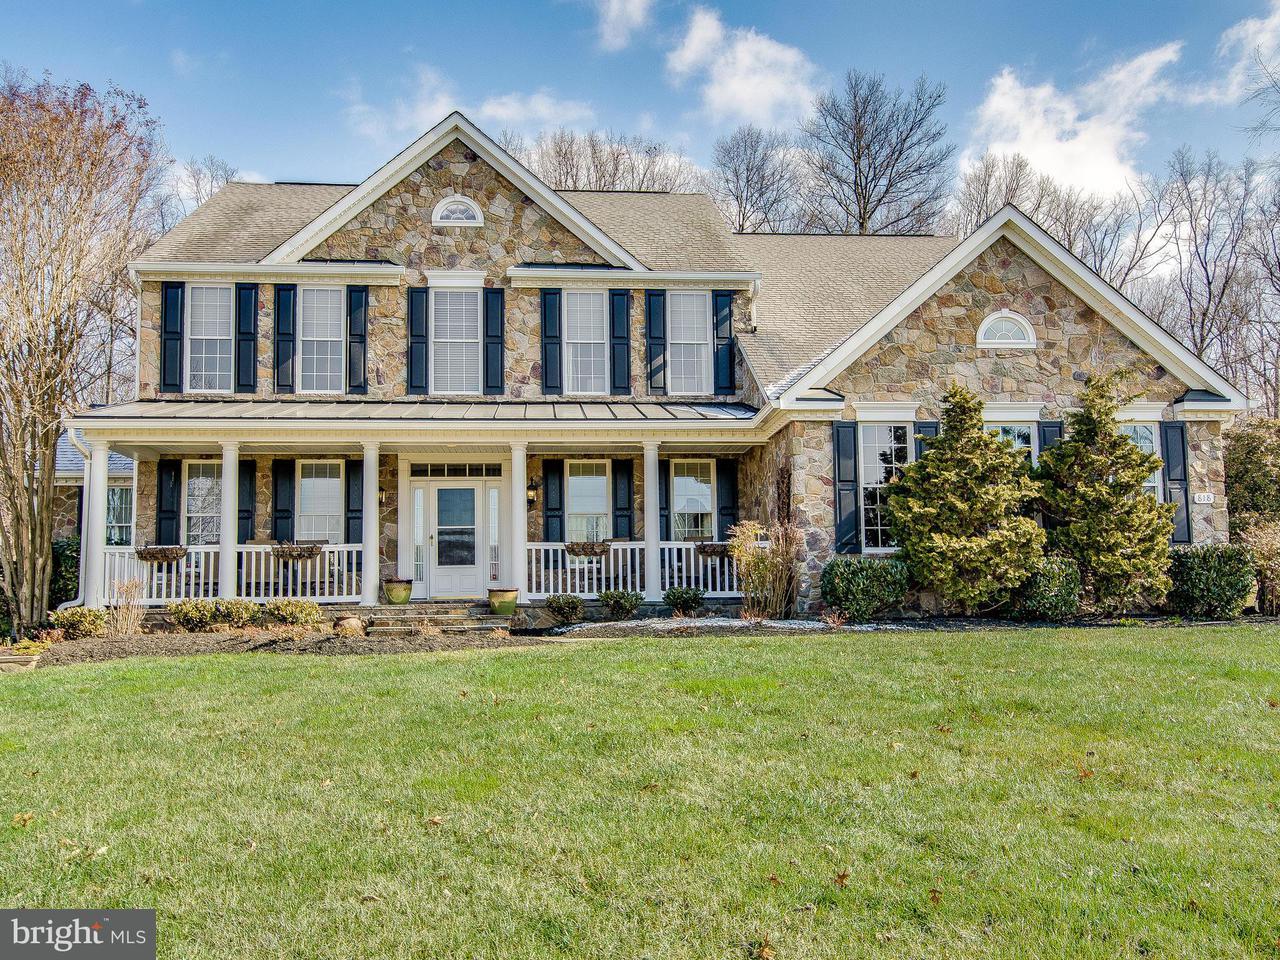 Einfamilienhaus für Verkauf beim 818 Avonshire Court 818 Avonshire Court Eldersburg, Maryland 21784 Vereinigte Staaten